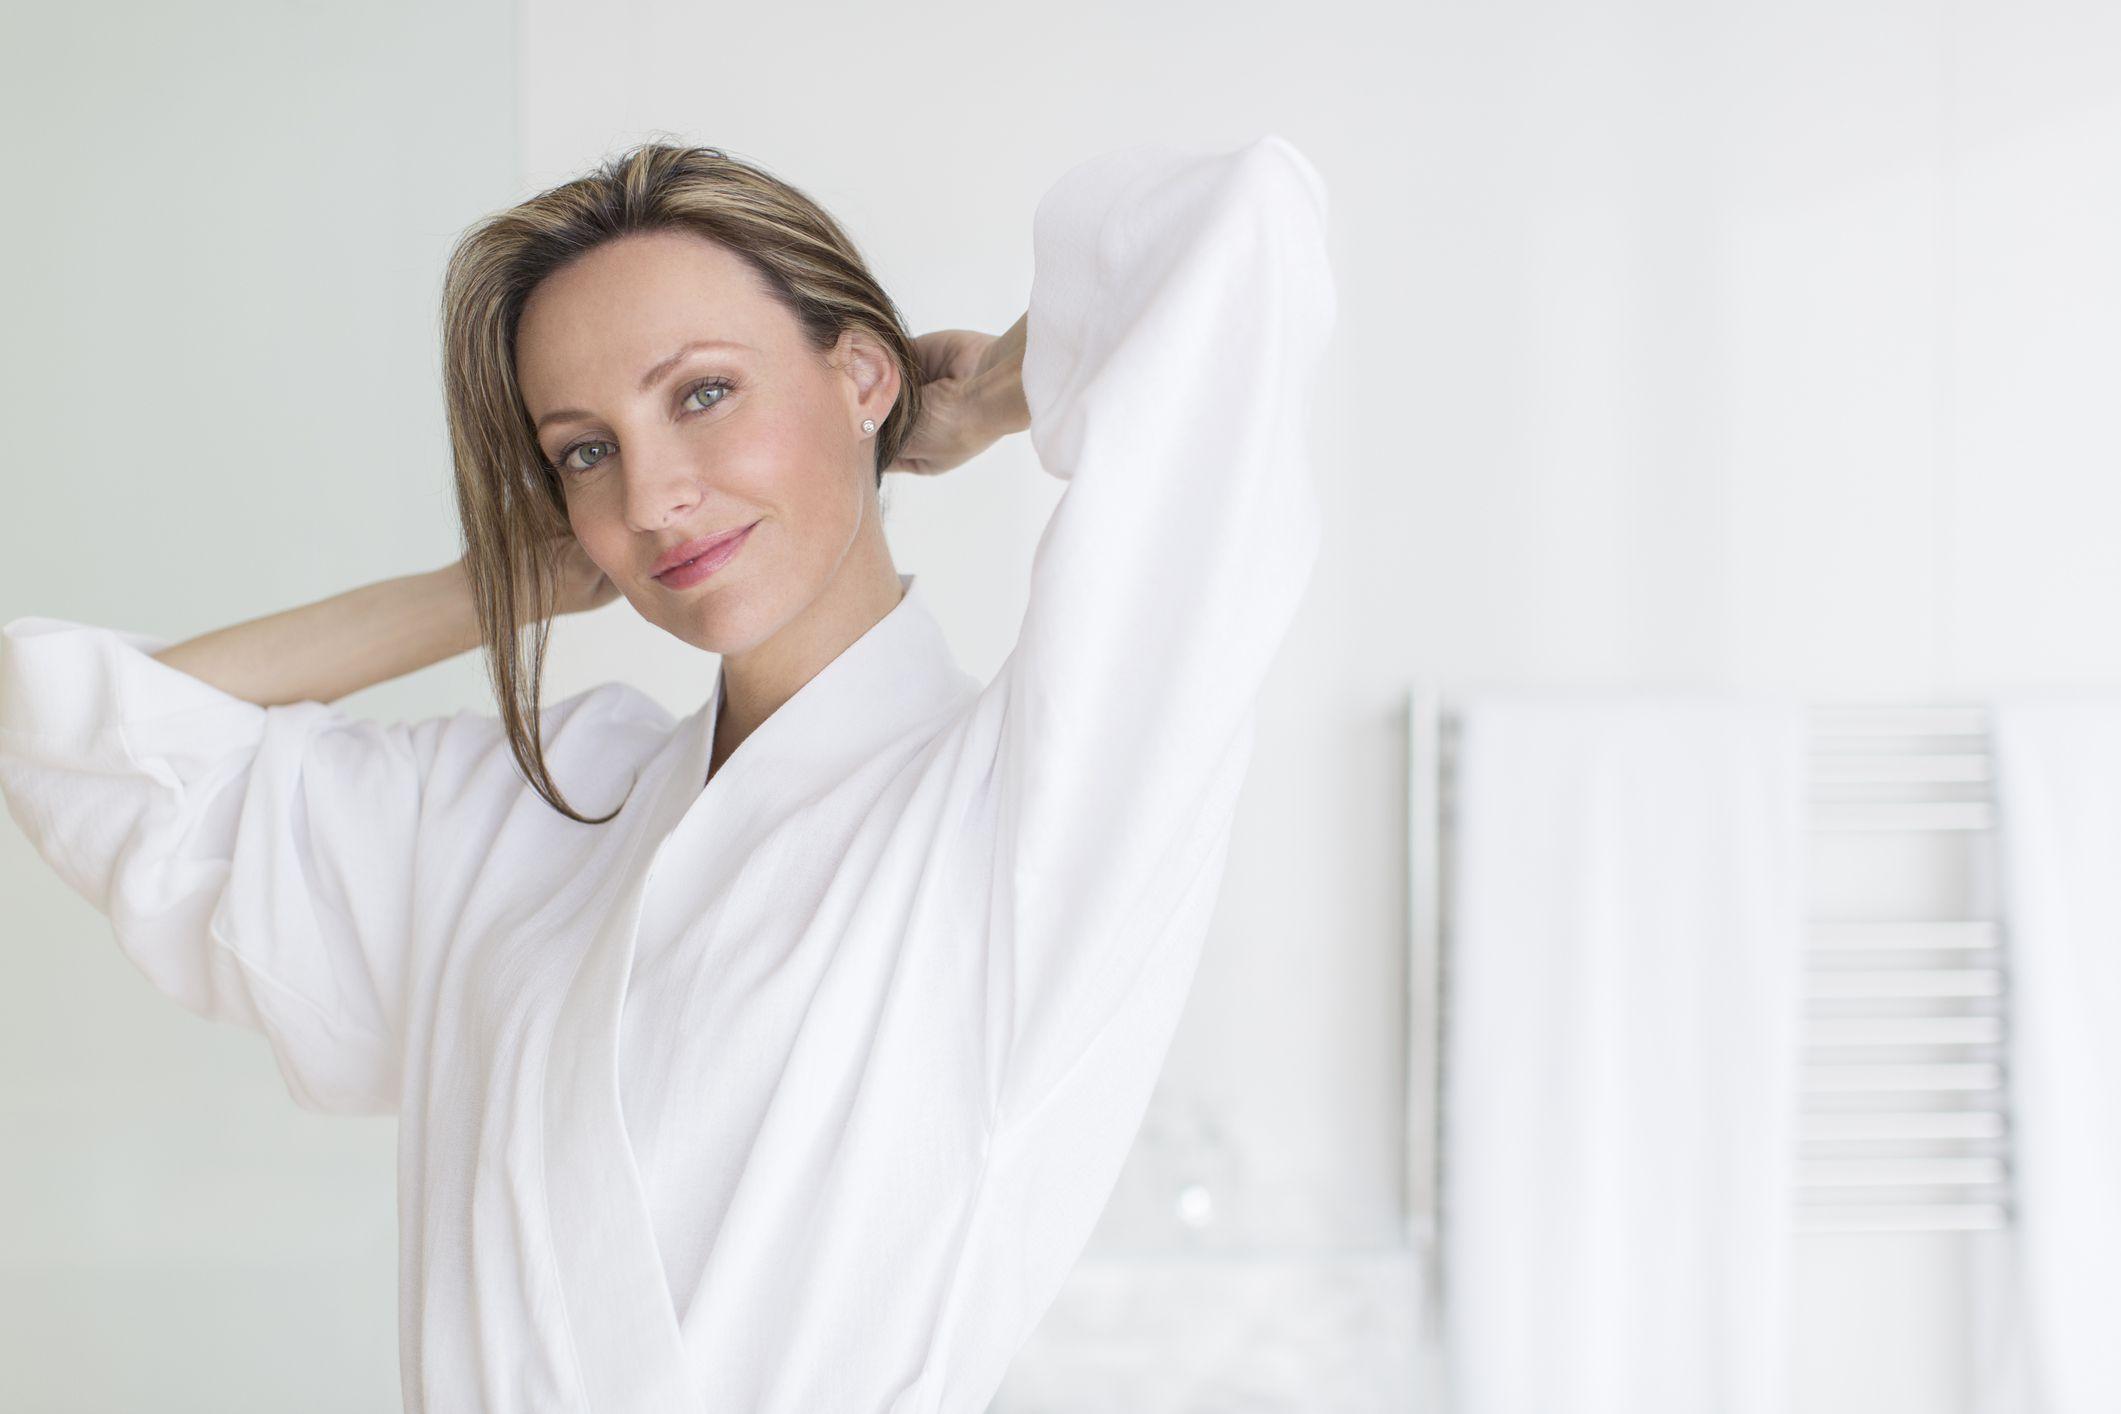 Smiling woman wearing bathrobe